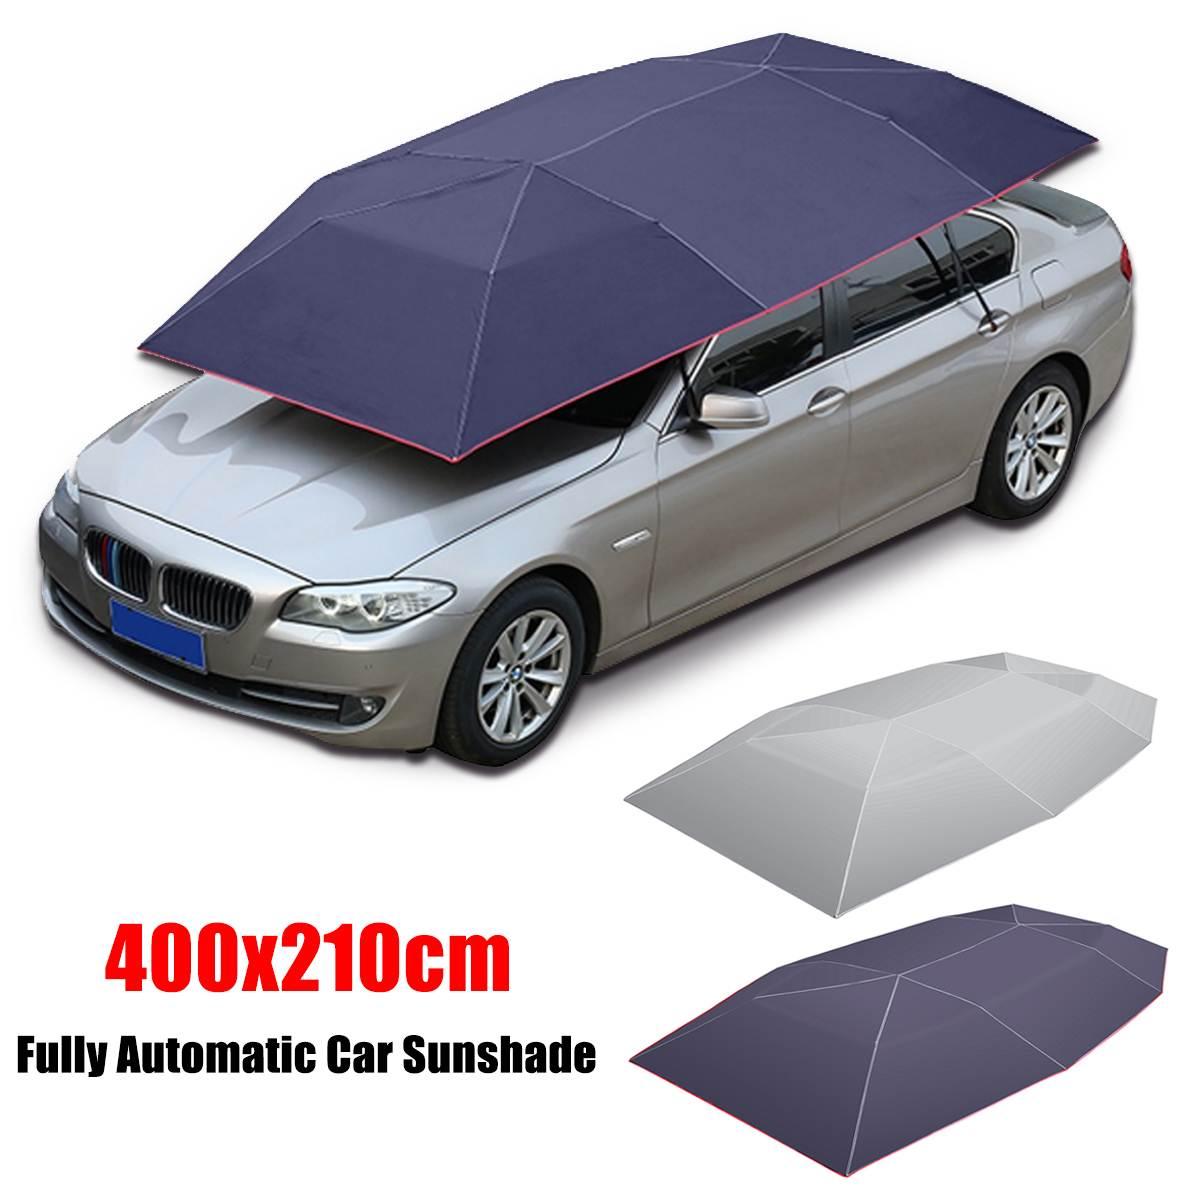 400x210 cm automatique voiture parapluie parasol tente couverture de toit Anti-UV Protection chaude extérieur protecteur soleil ombre été